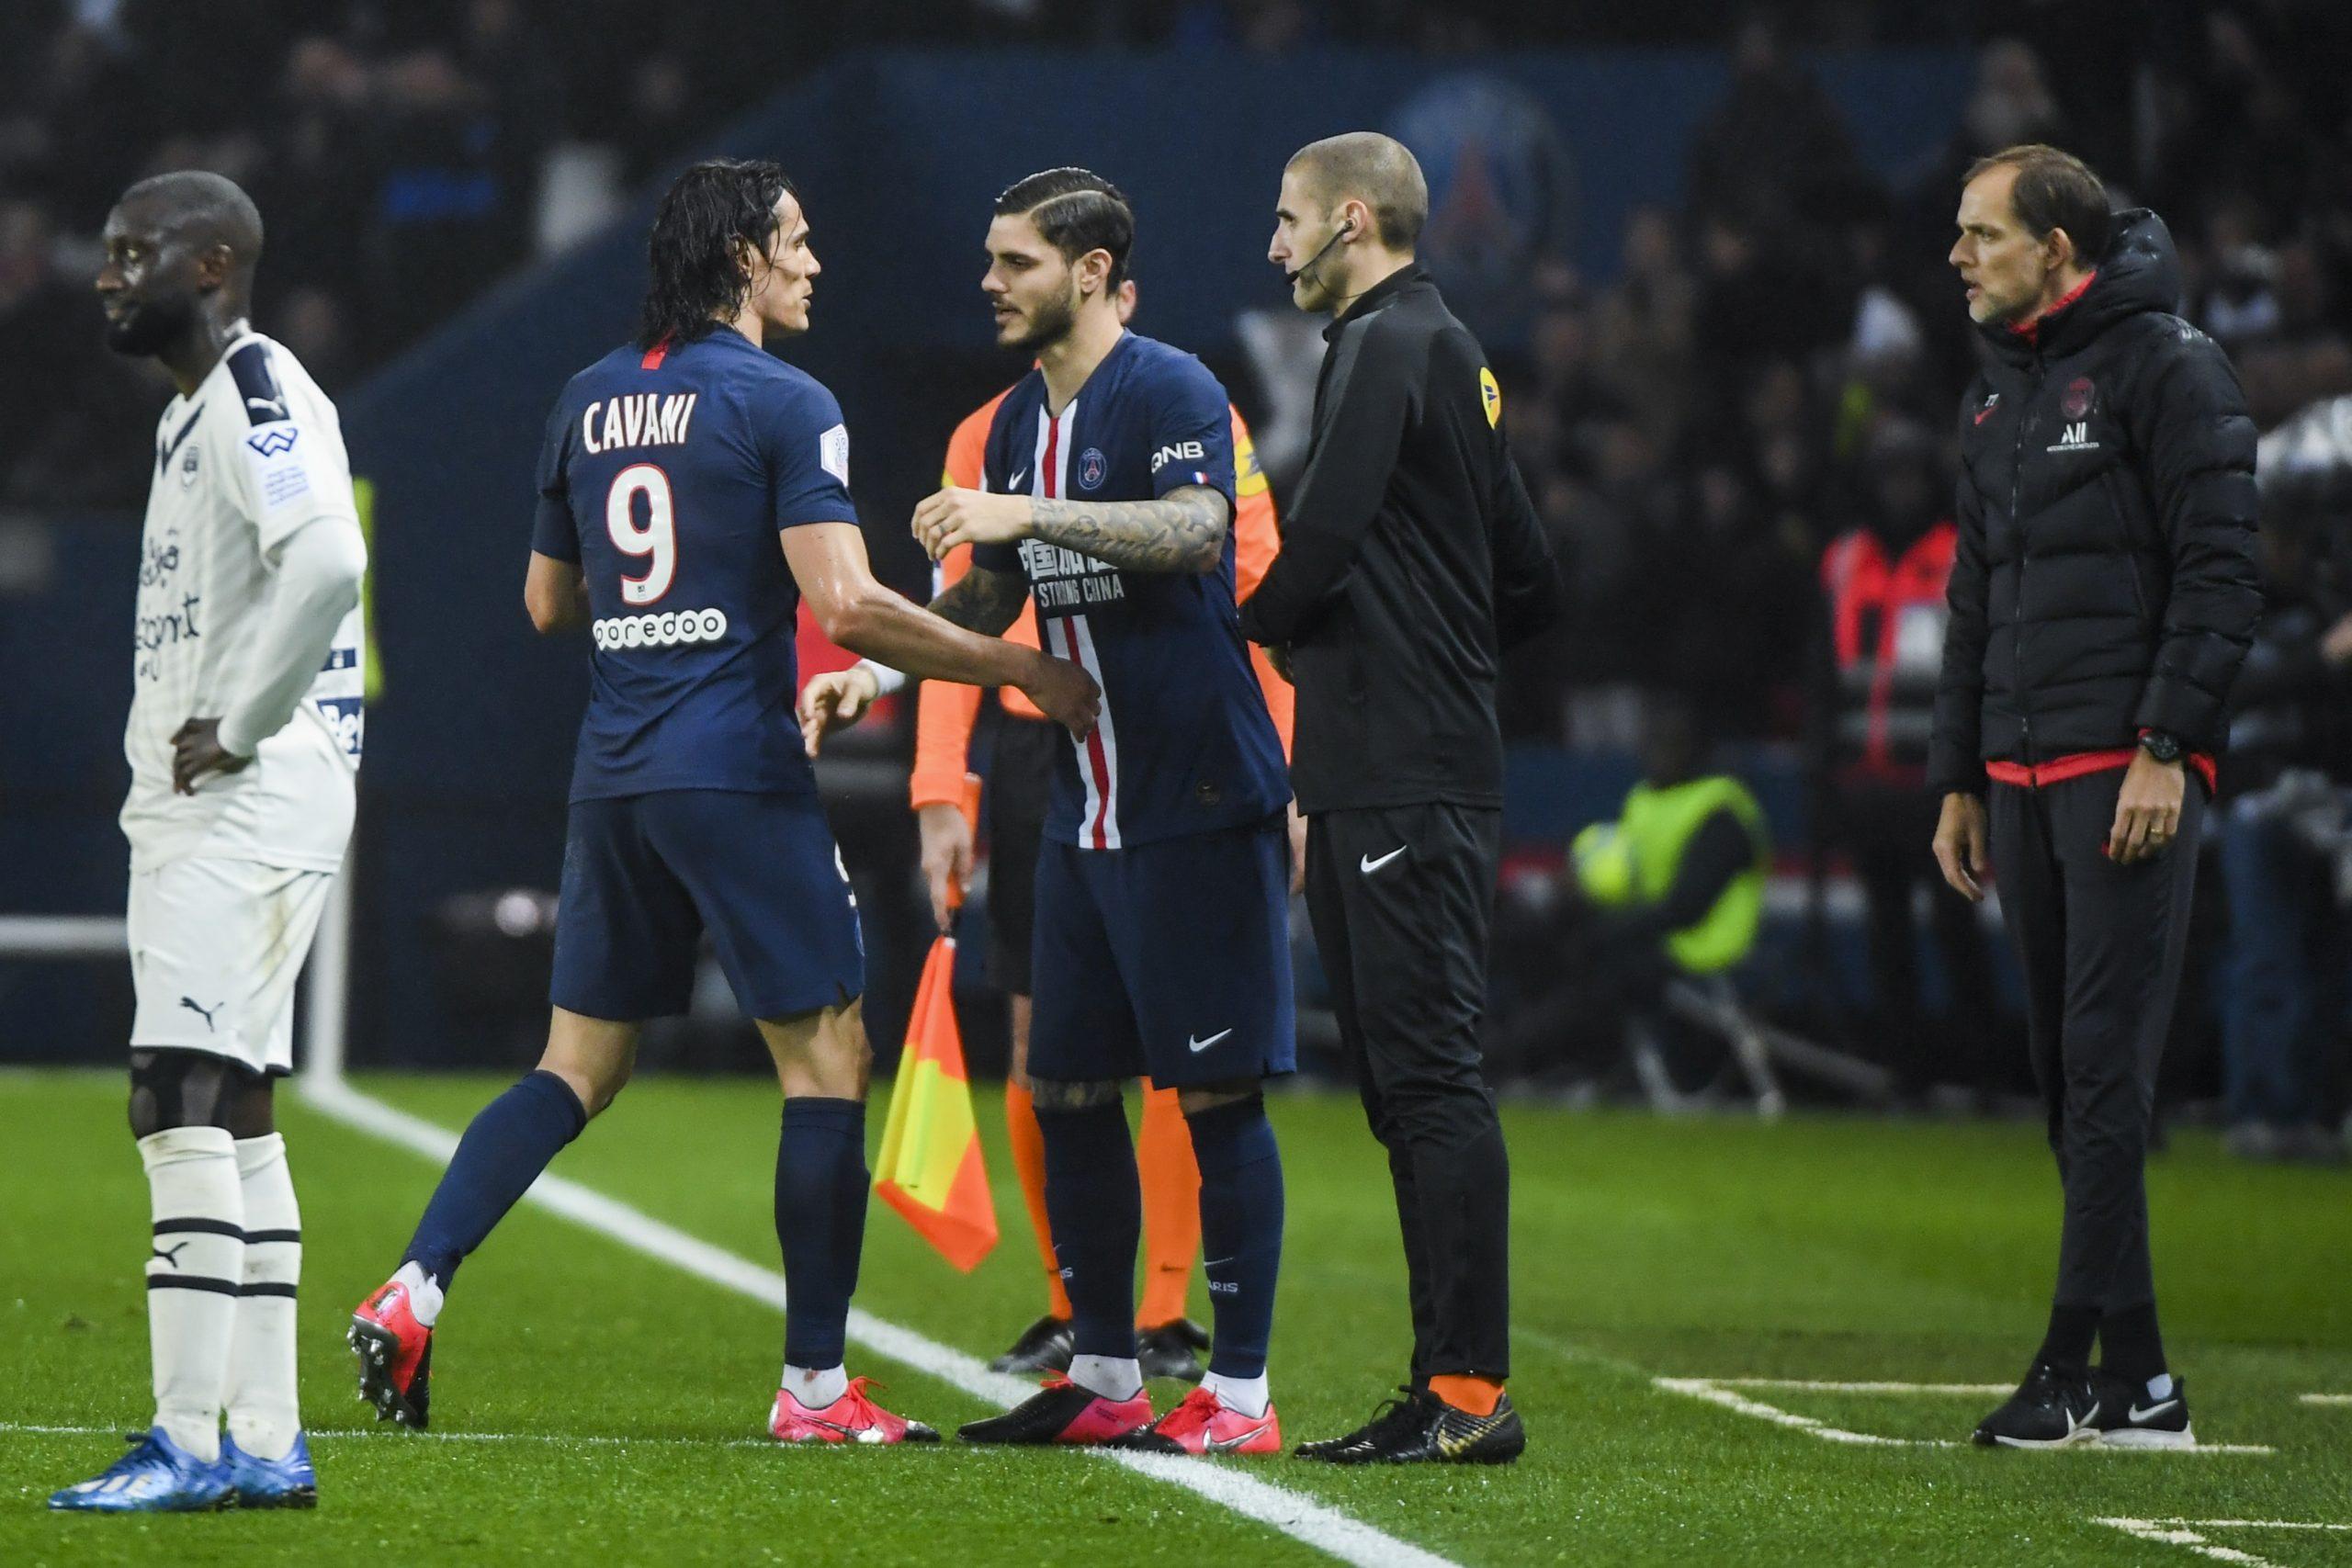 Mercato - Le PSG avance pour Icardi, l'Inter Milan fait une offre à Cavani selon L'Equipe